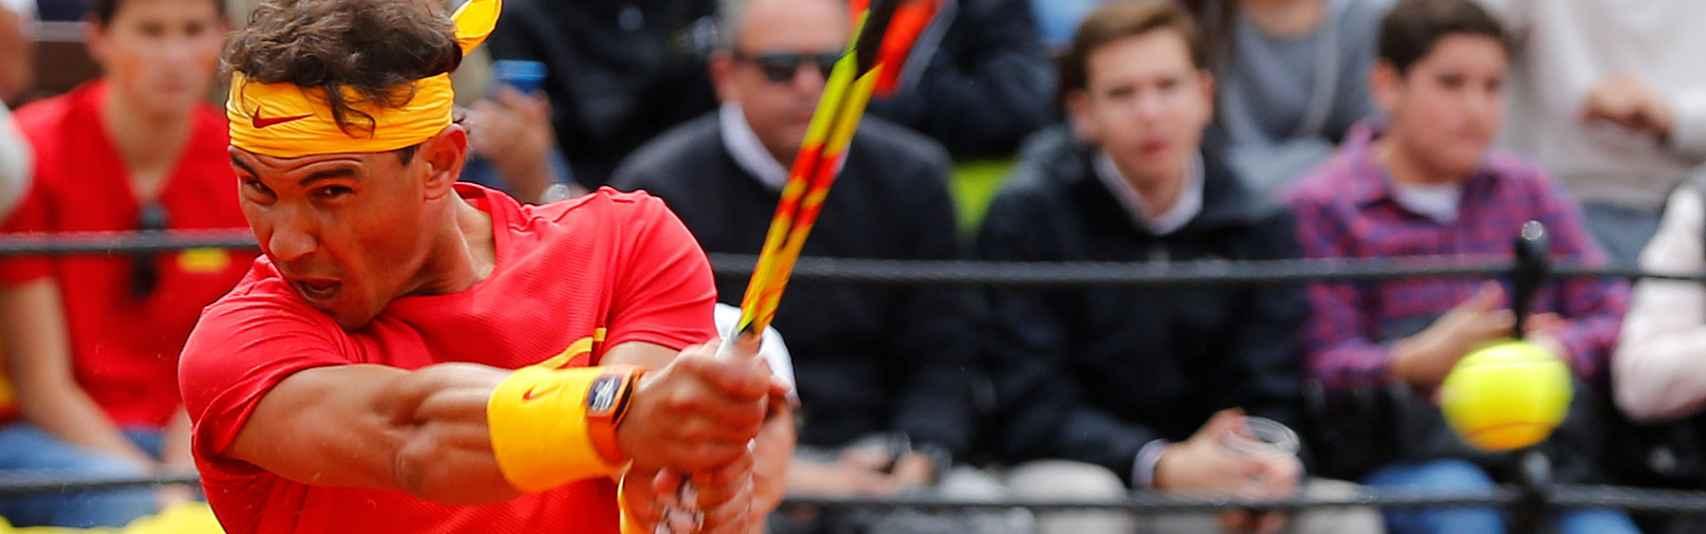 La Copa Davis, en vivo: siga el Rafael Nadal - Philipp Kohlschreiber de cuartos de final